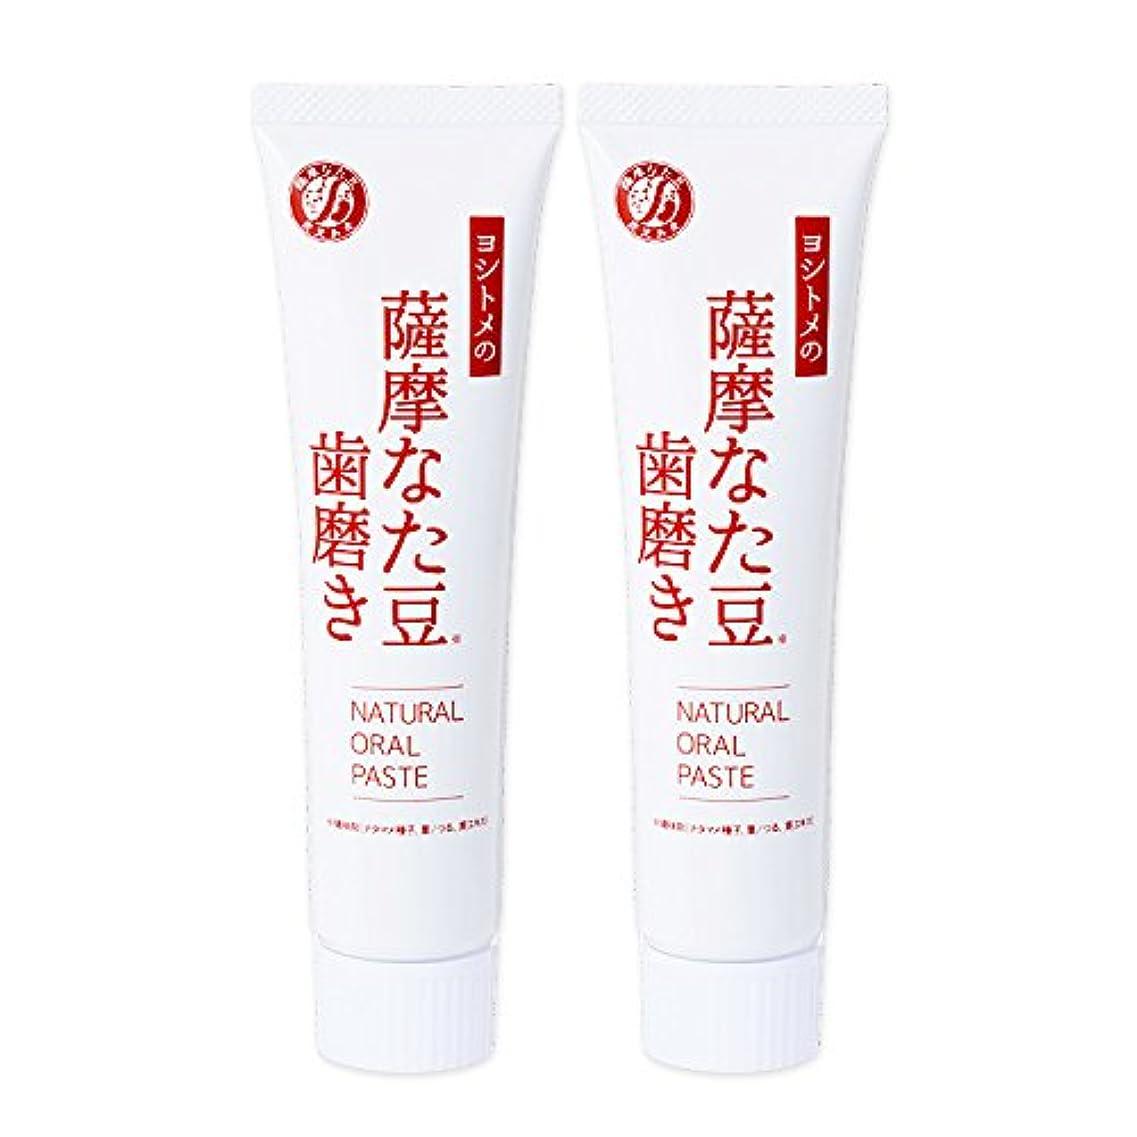 渇き例外リーンヨシトメの薩摩なた豆歯磨き [110g]白箱◆2個セット